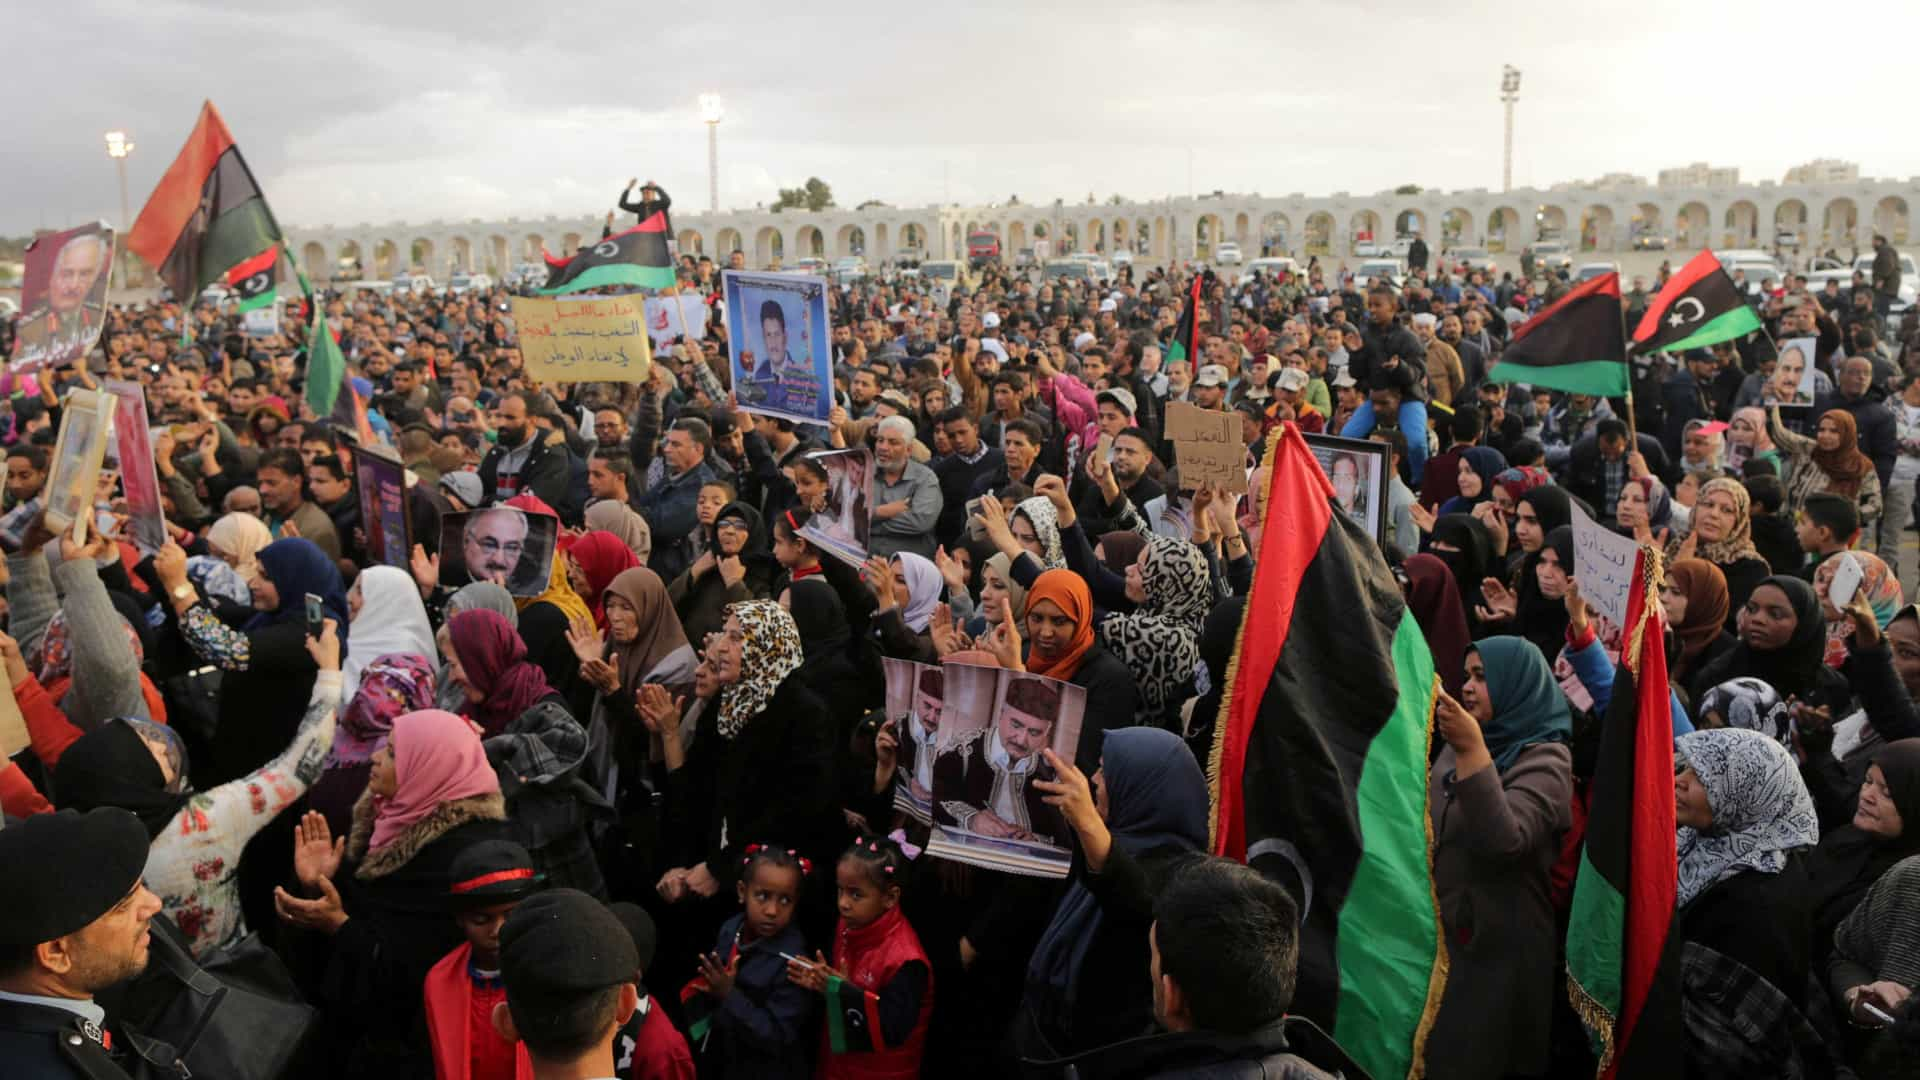 Um país com 2 presidentes: Venezuela e Líbia vivem a mesma situação